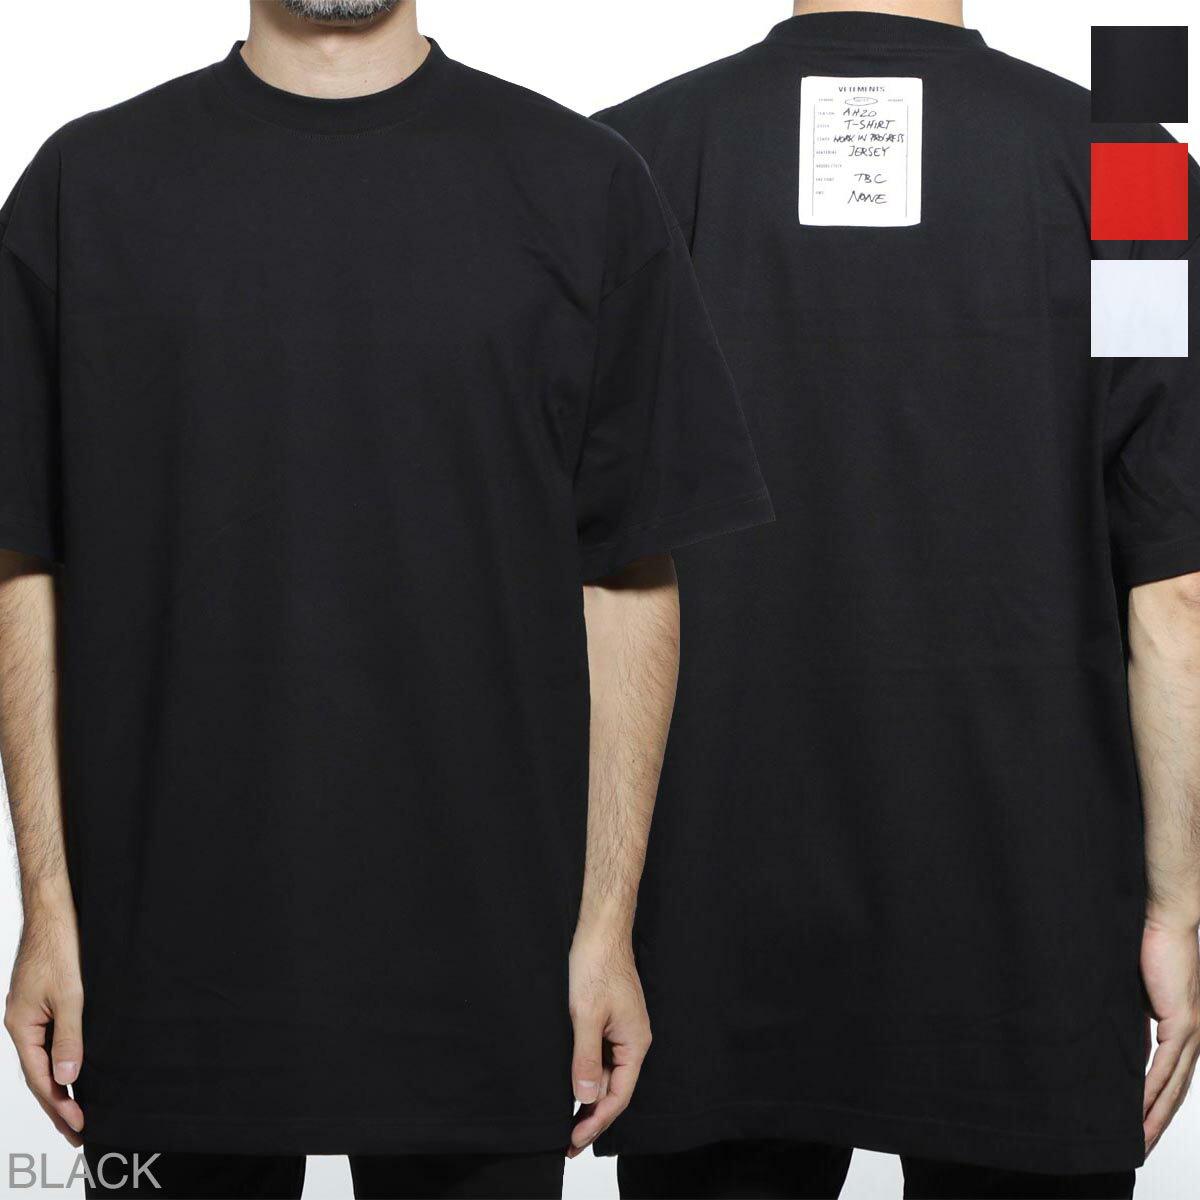 トップス, Tシャツ・カットソー  VETEMENTS T uah20tr636 black ATELIER PATCH T-SHIRT